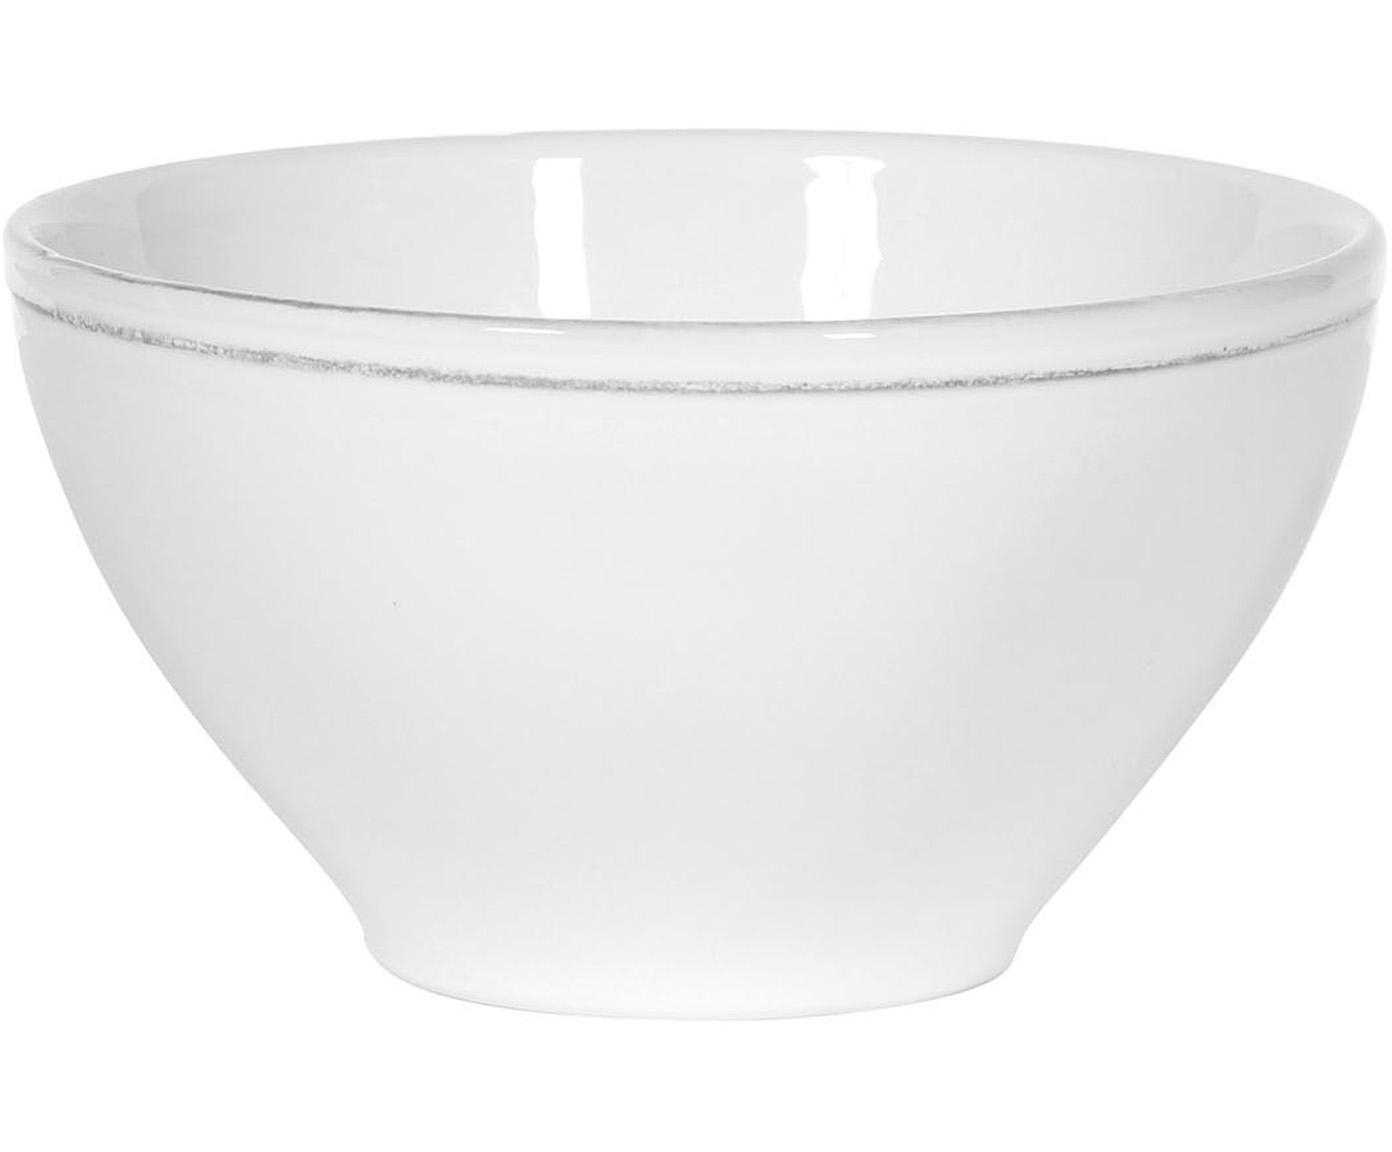 Miska Constance, 2 szt., Kamionka, Biały, Ø 15 x W 9 cm